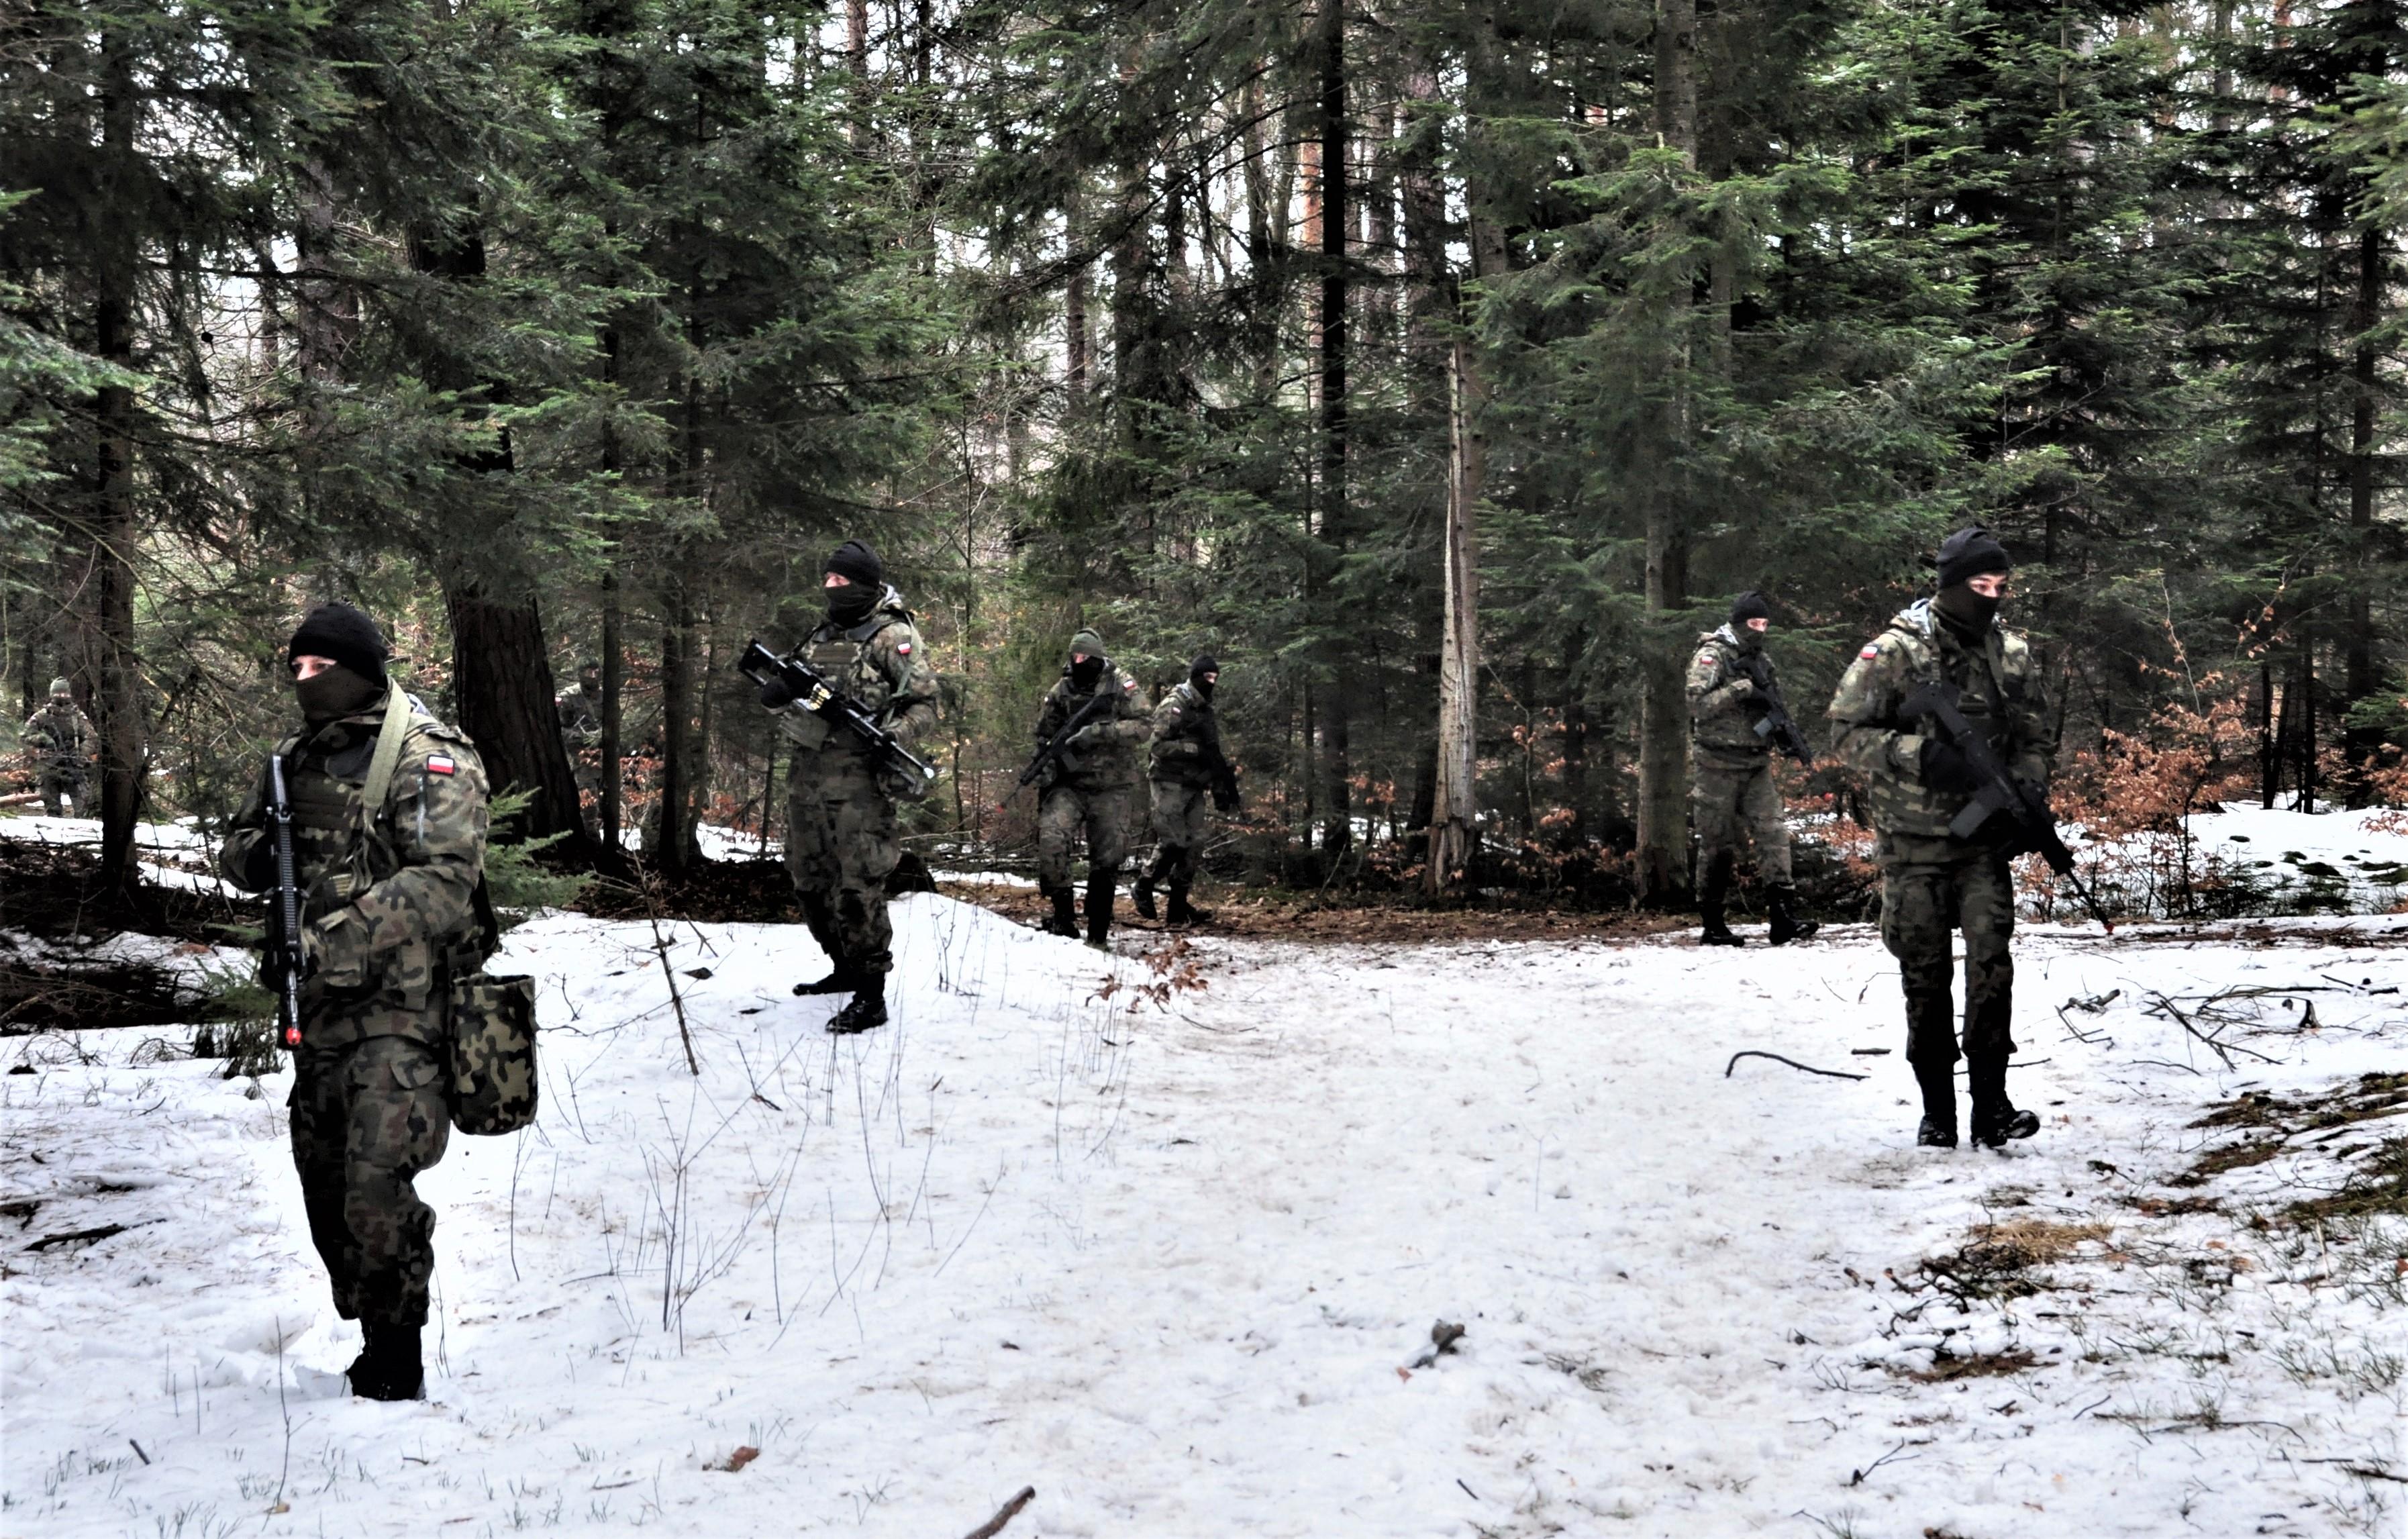 Prawie 1,5 tys. żołnierzy 3 PBOT szkoliło się w weekend [ZDJĘCIA] - Zdjęcie główne